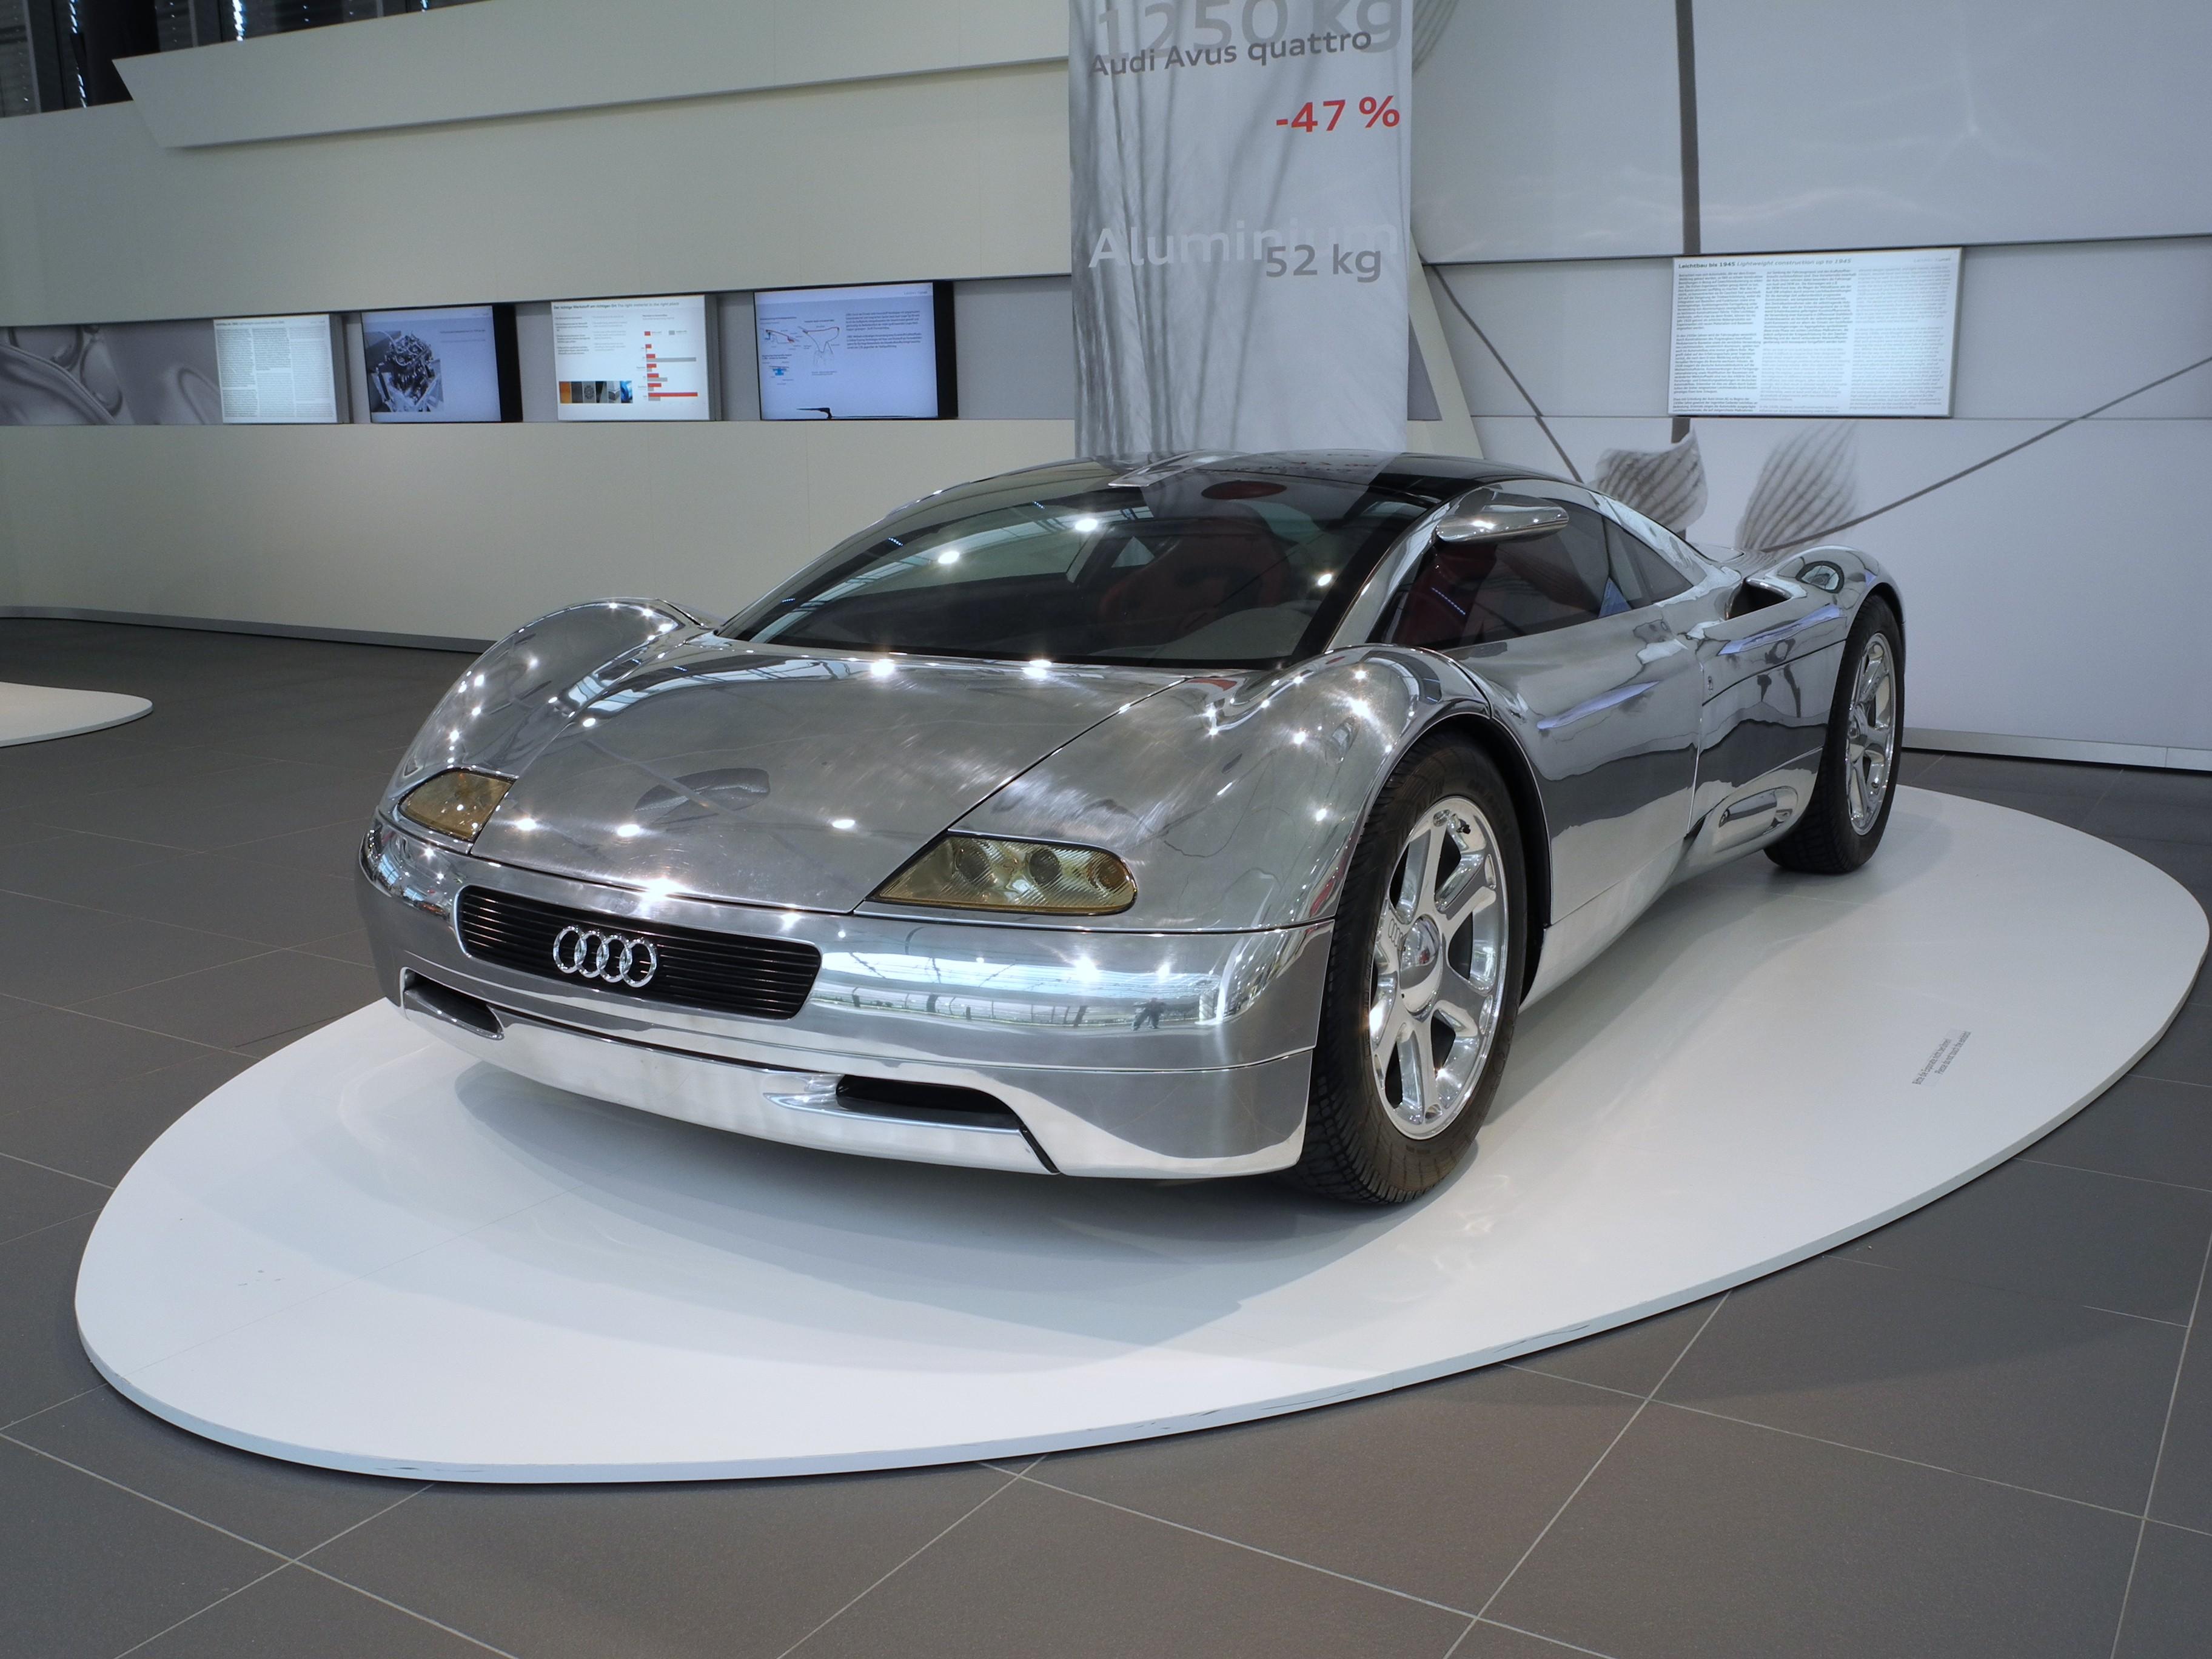 Kelebihan Audi Avus Top Model Tahun Ini